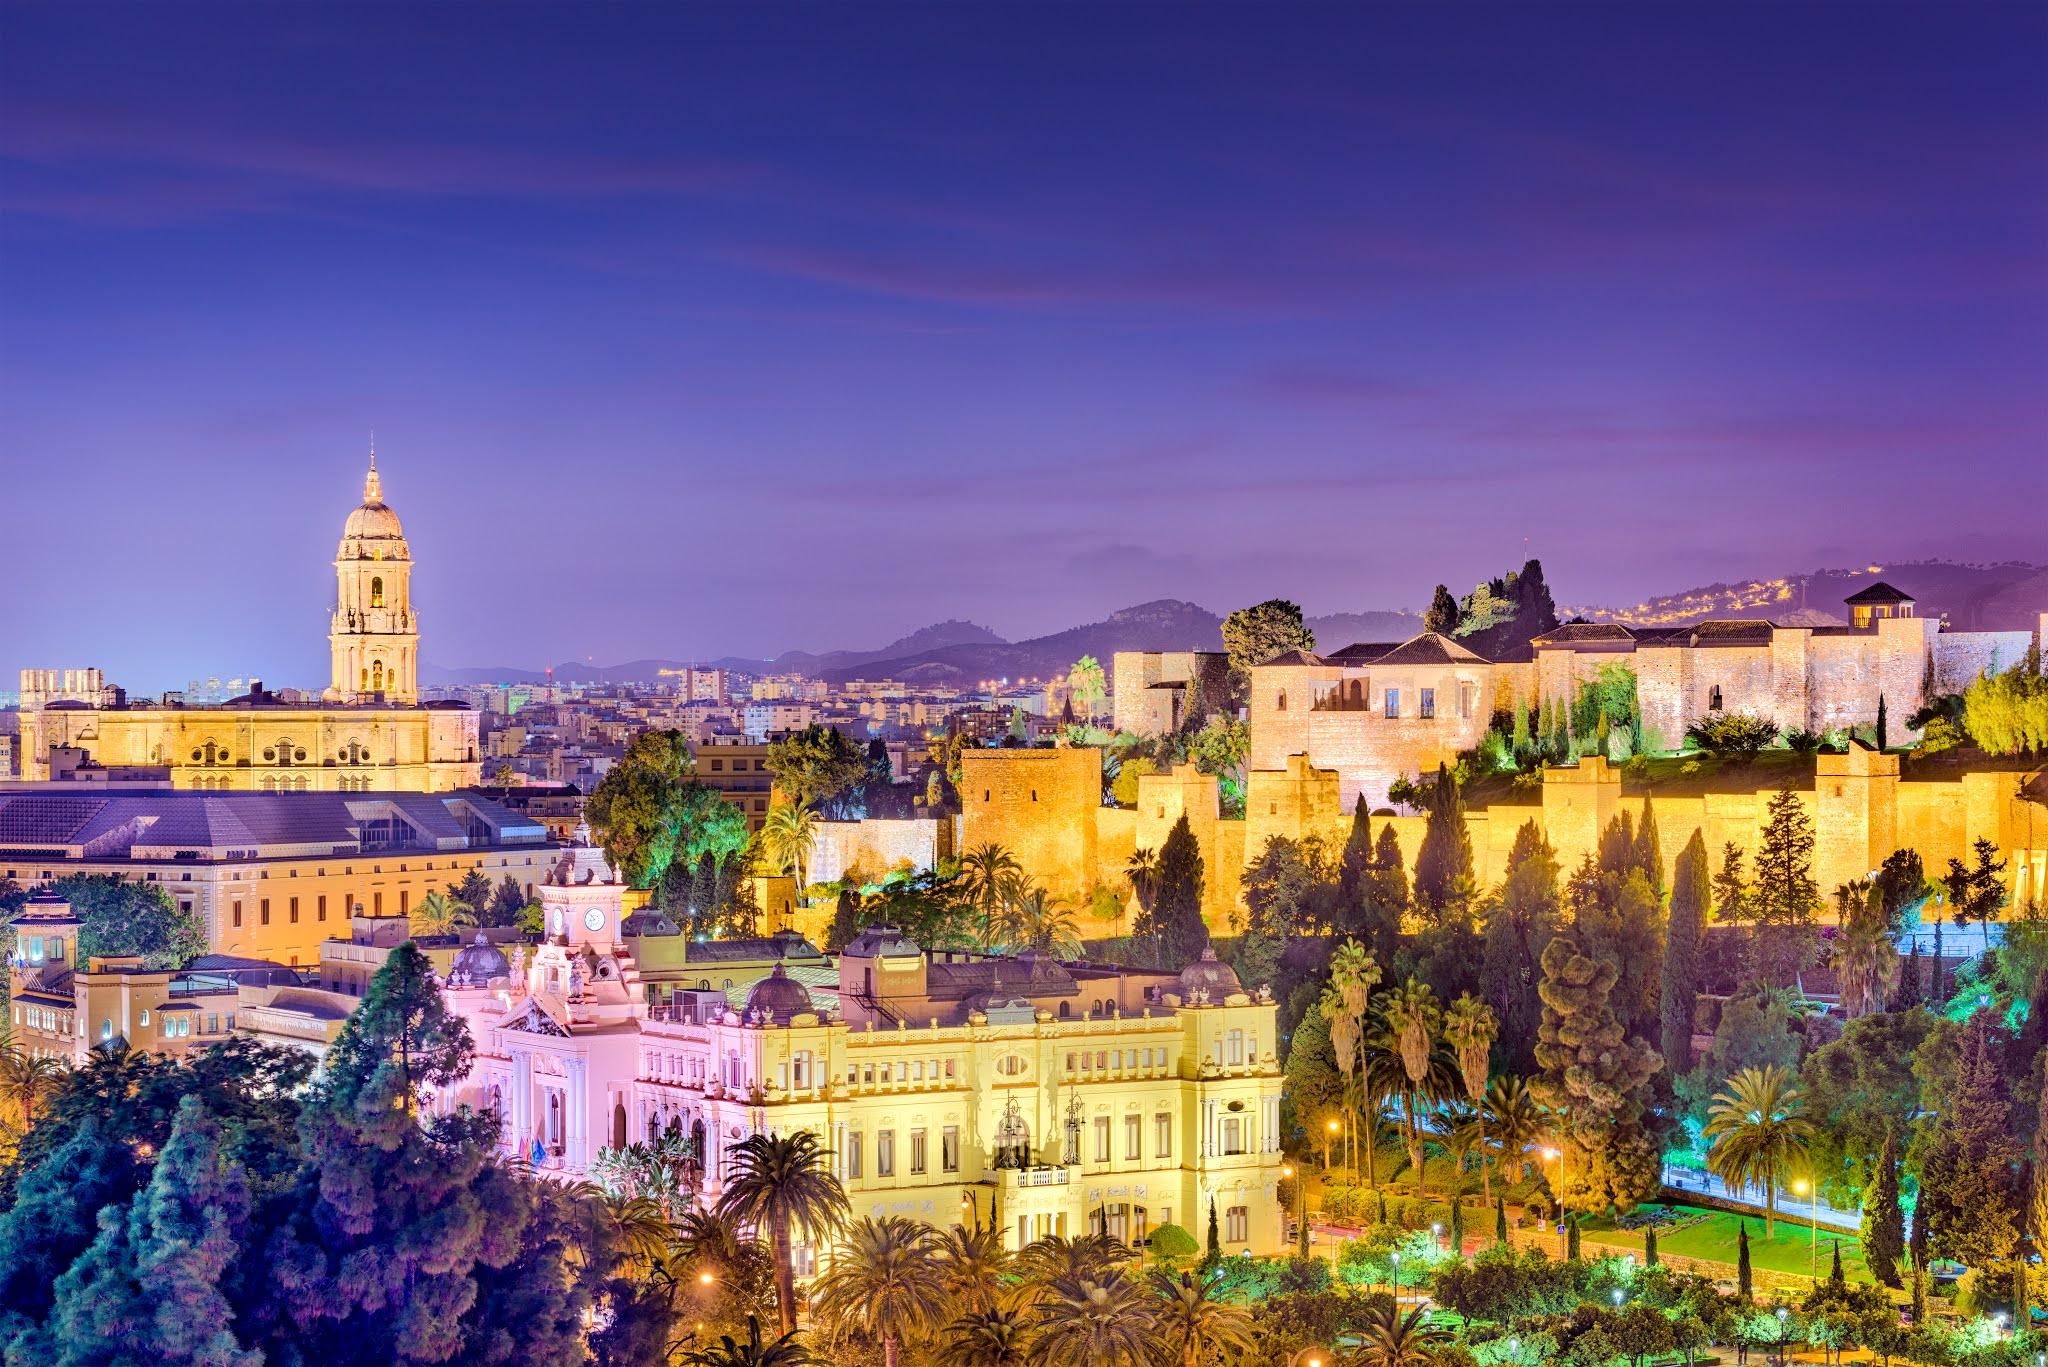 الاتحاد للطيران تطلق وجهات صيفية إلى ميكونوس وسانتوريني في اليونان ومالقة في الجنوب الأسباني